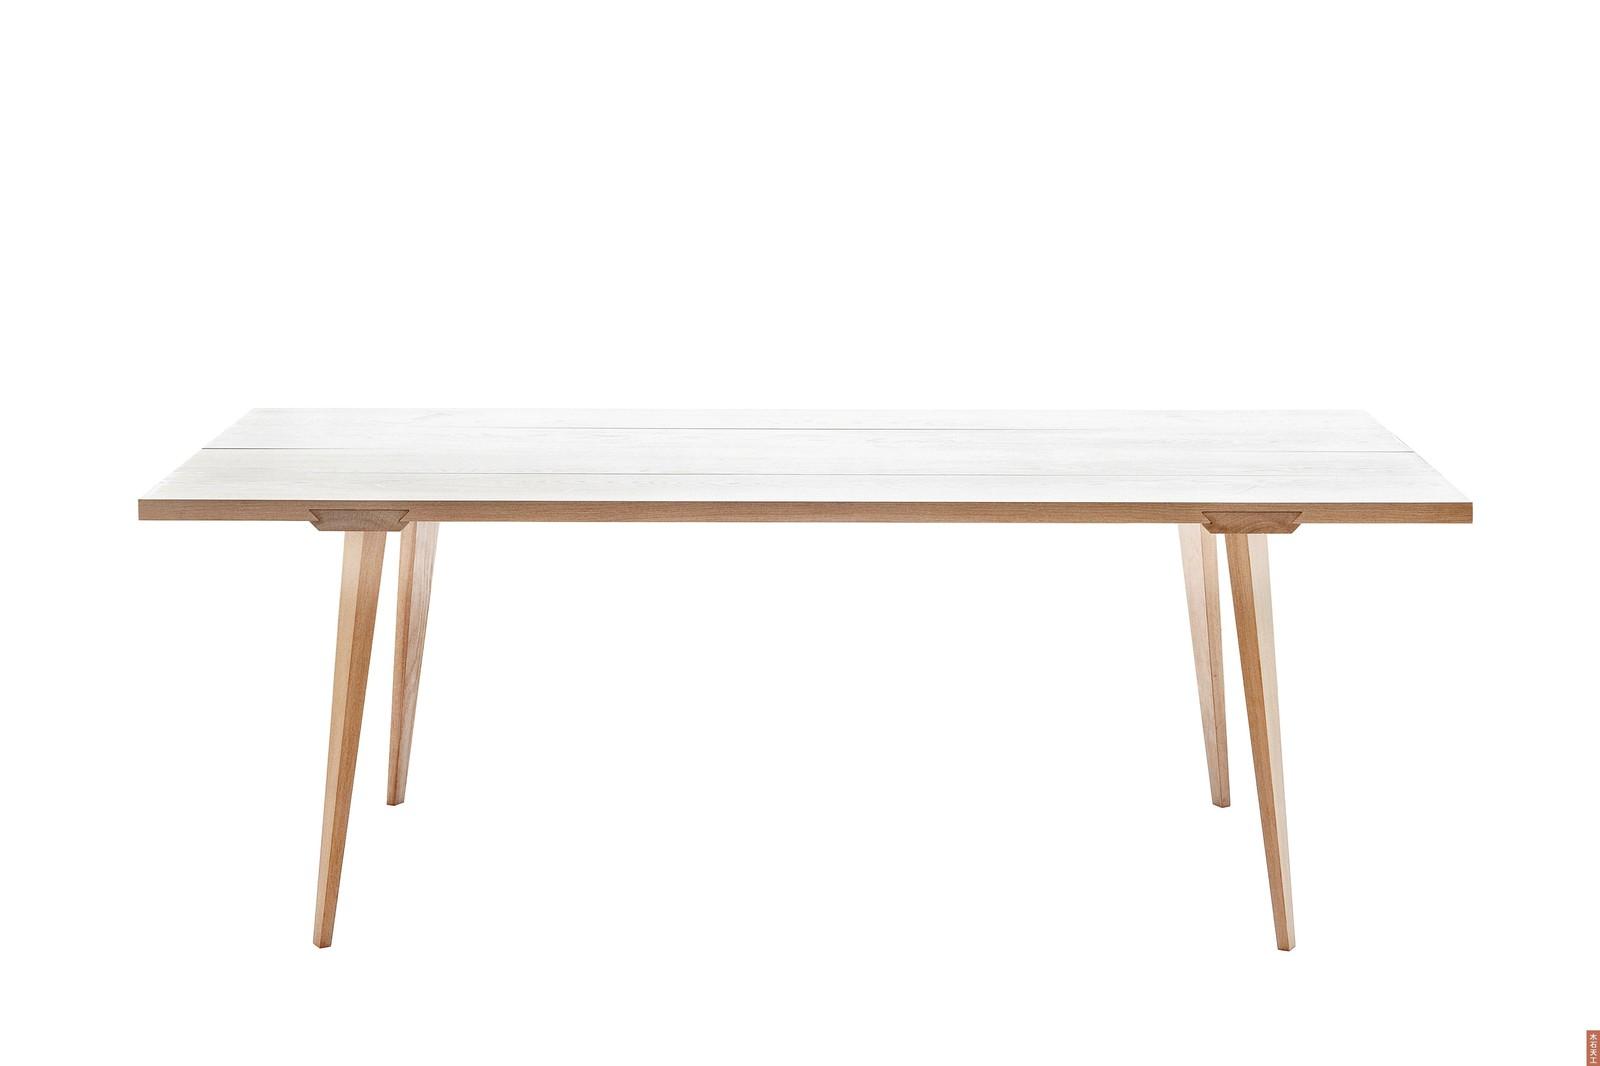 Timber-table-hisheji (3)